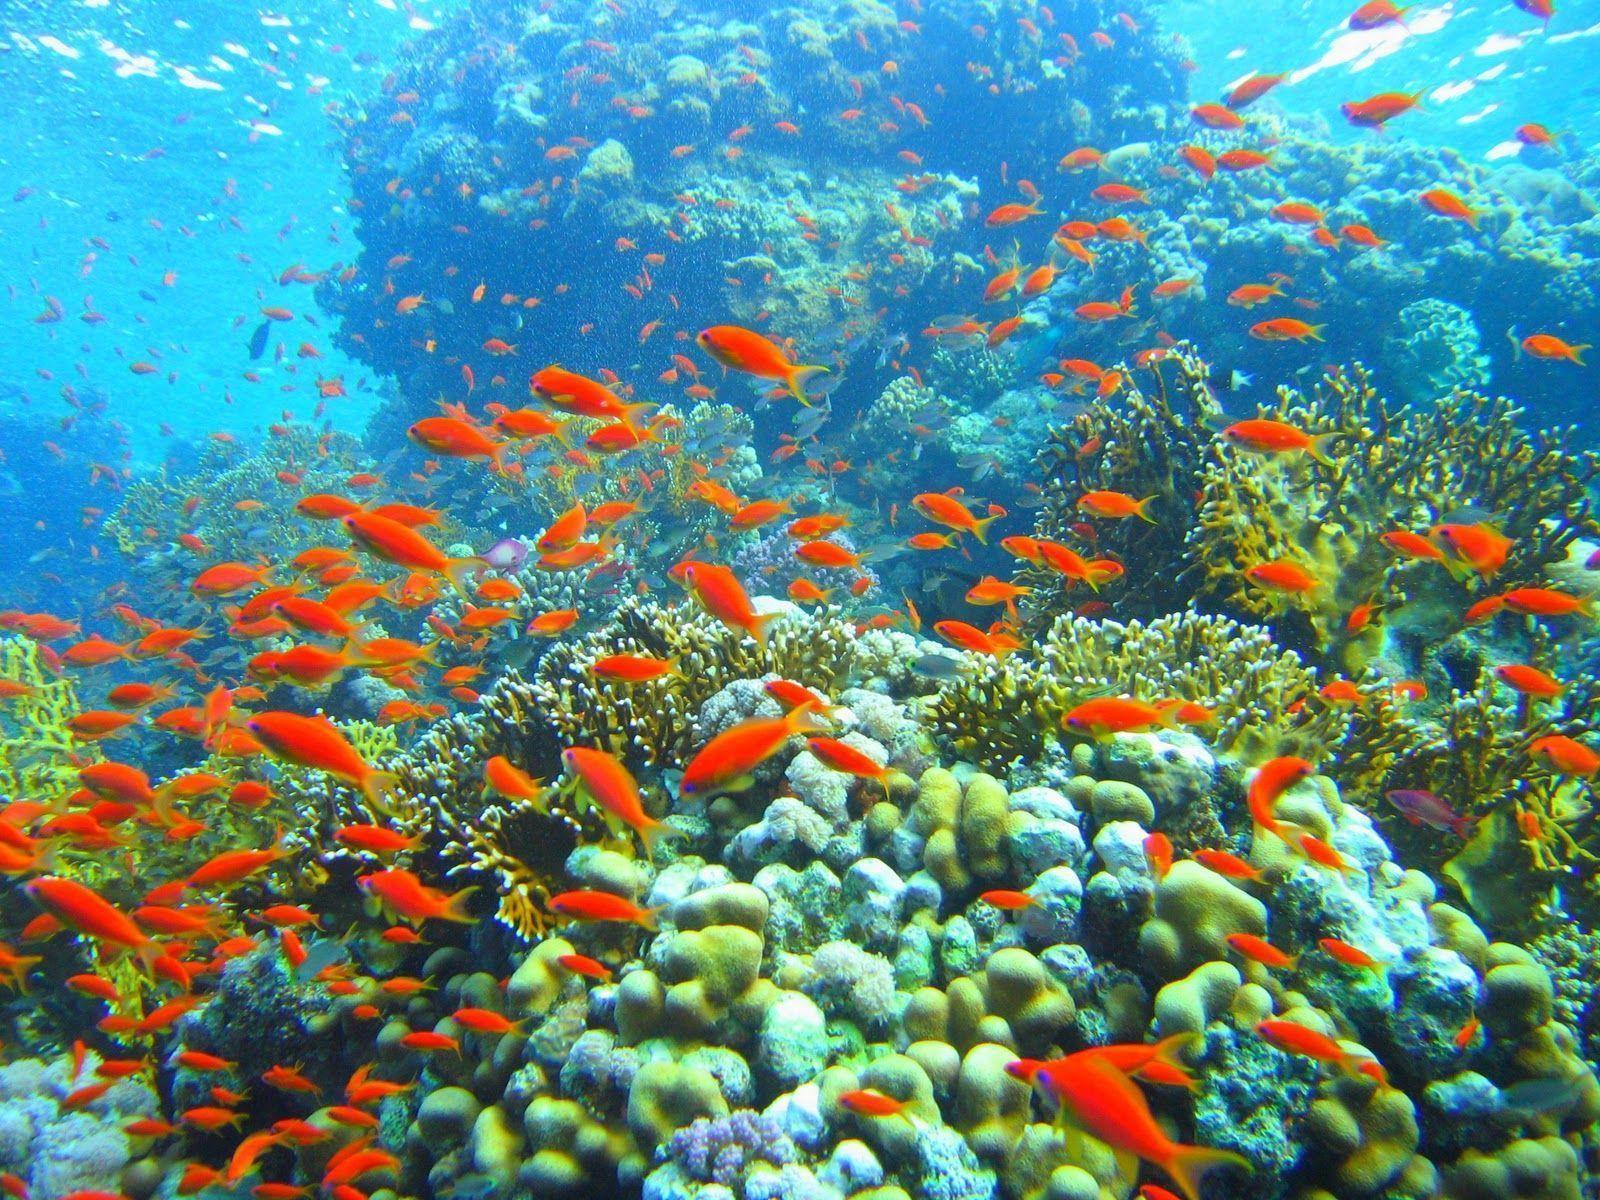 deep ocean desktop wallpaper - photo #34